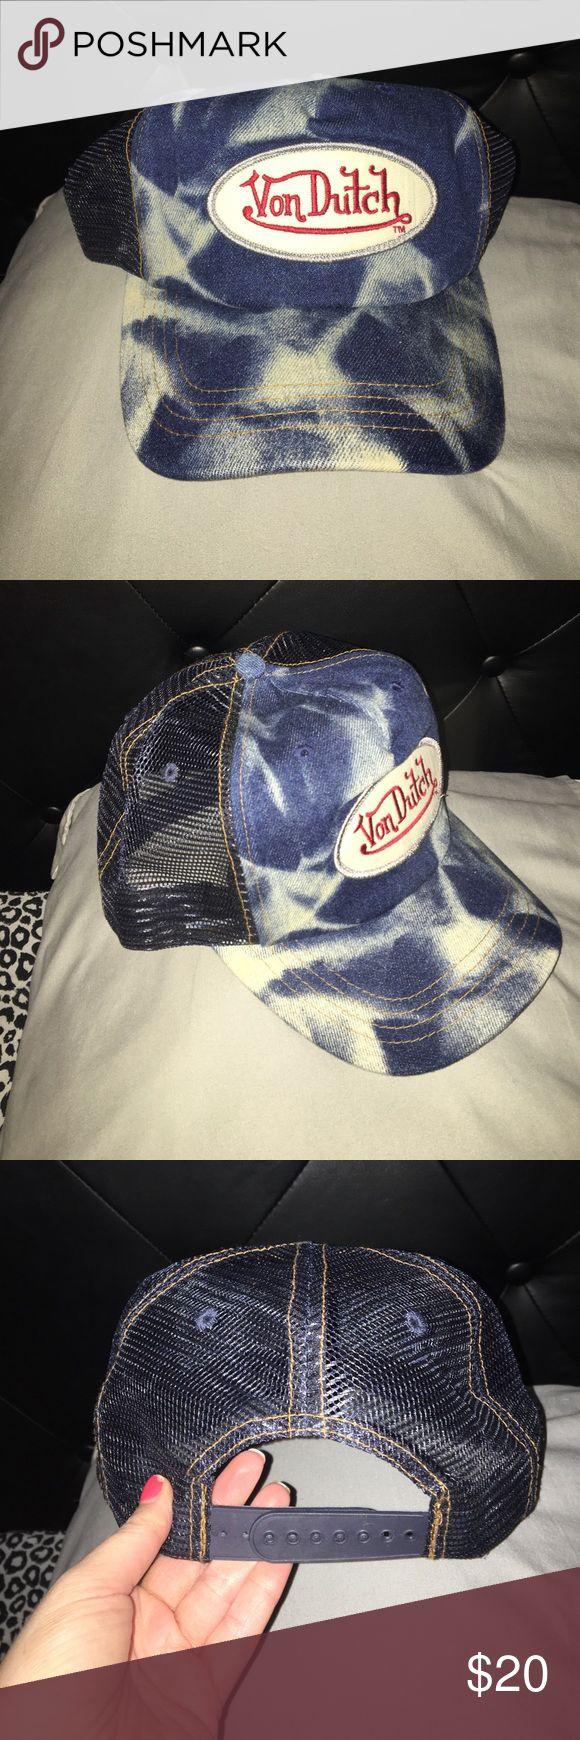 RARE NWOT Von Dutch hat Never worn! Brand new Von Dutch Accessories Hats